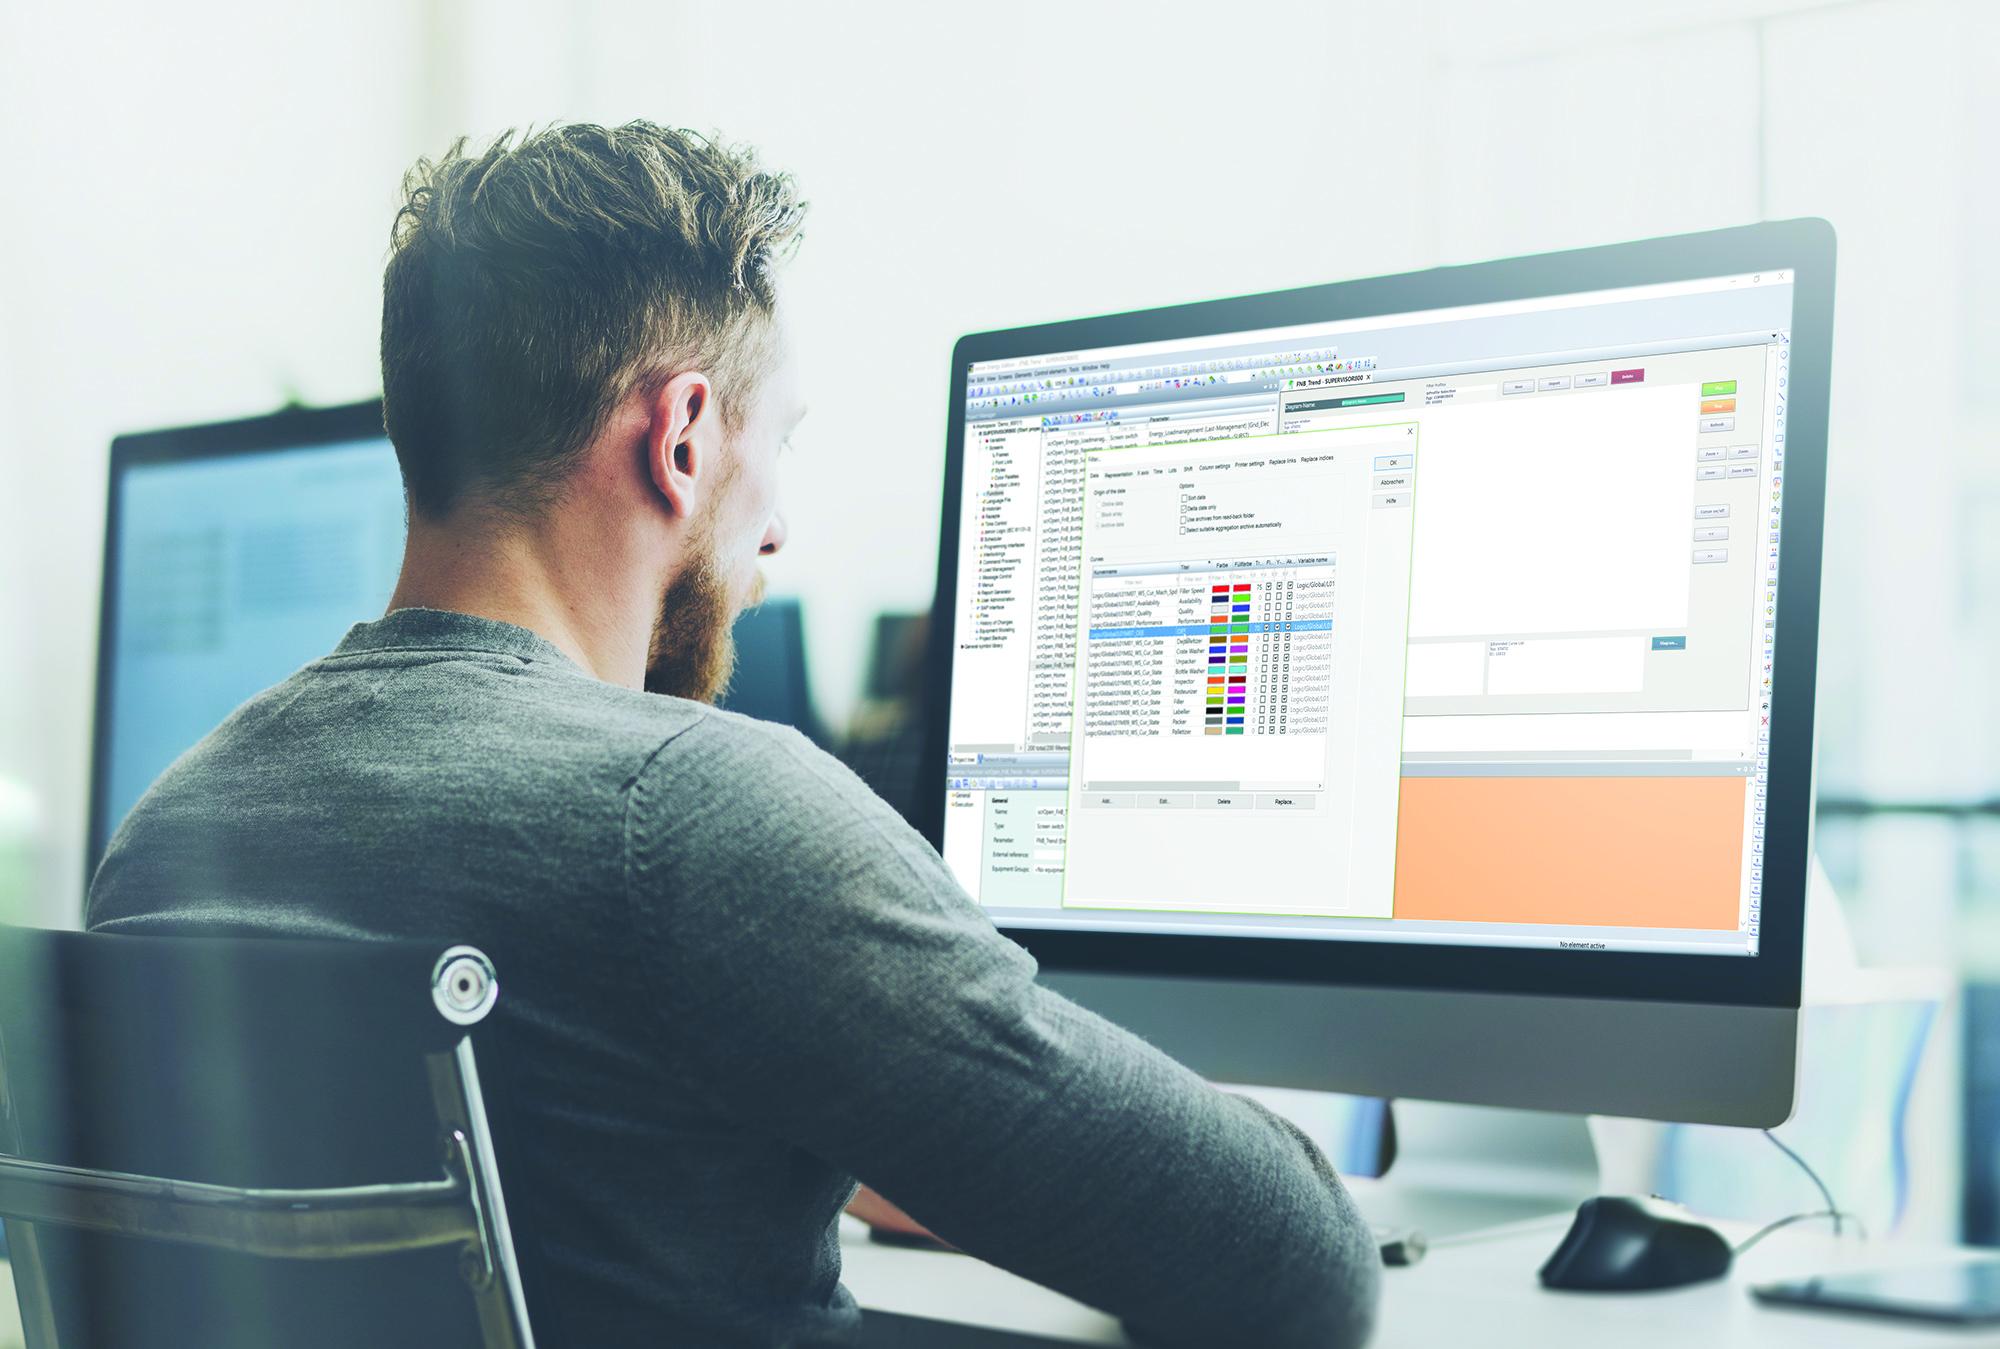 Moduł Extended Trend w oprogramowaniu zenon 8.00 jest przyjazny dla użytkowników dzięki wprowadzeniu kilku nowych funkcji i usprawnień.